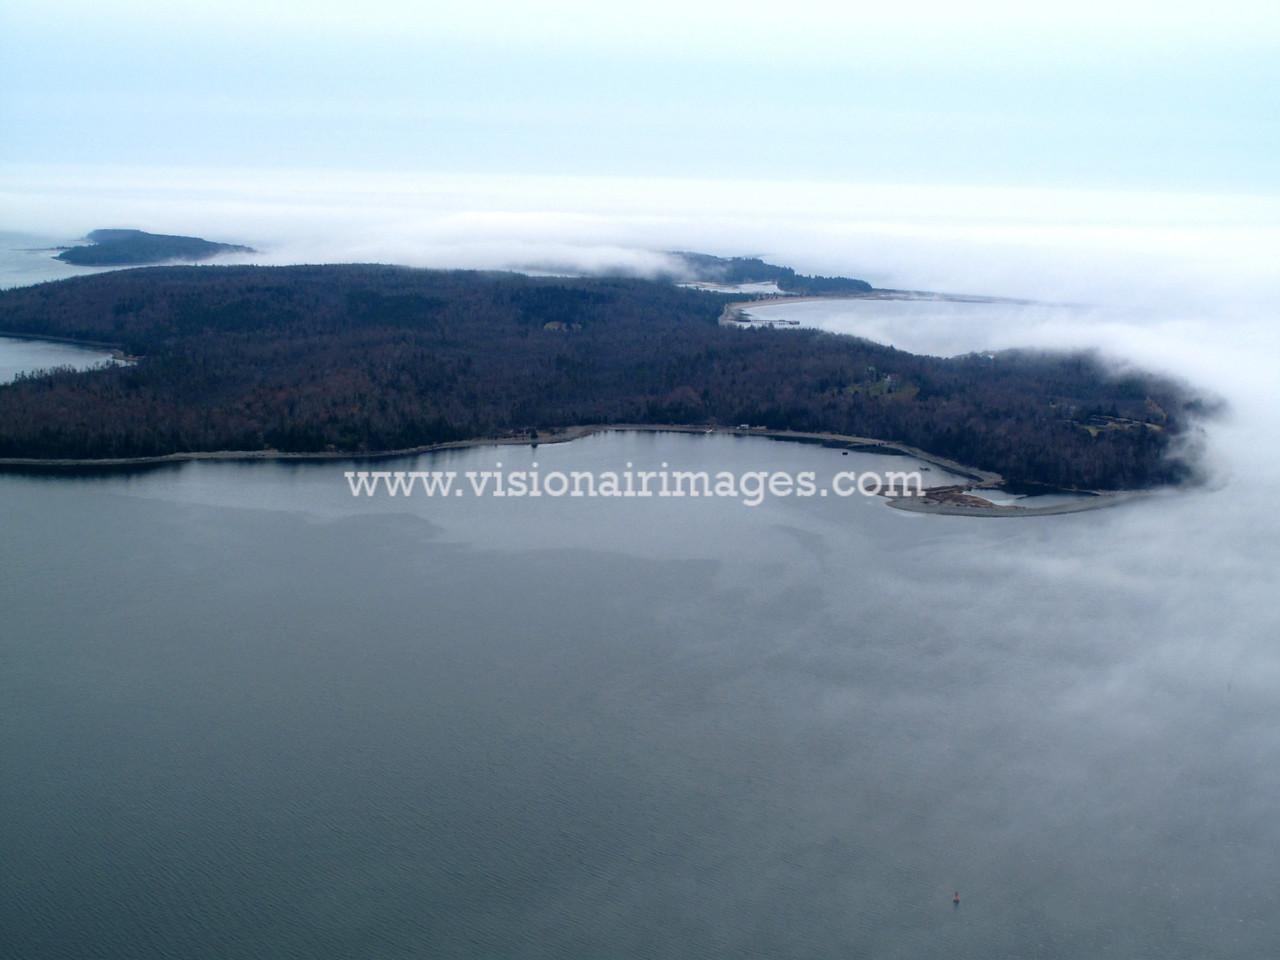 McNabs Island, Halifax Harbour, Fog, Halifax, Nova Scotia, Canada